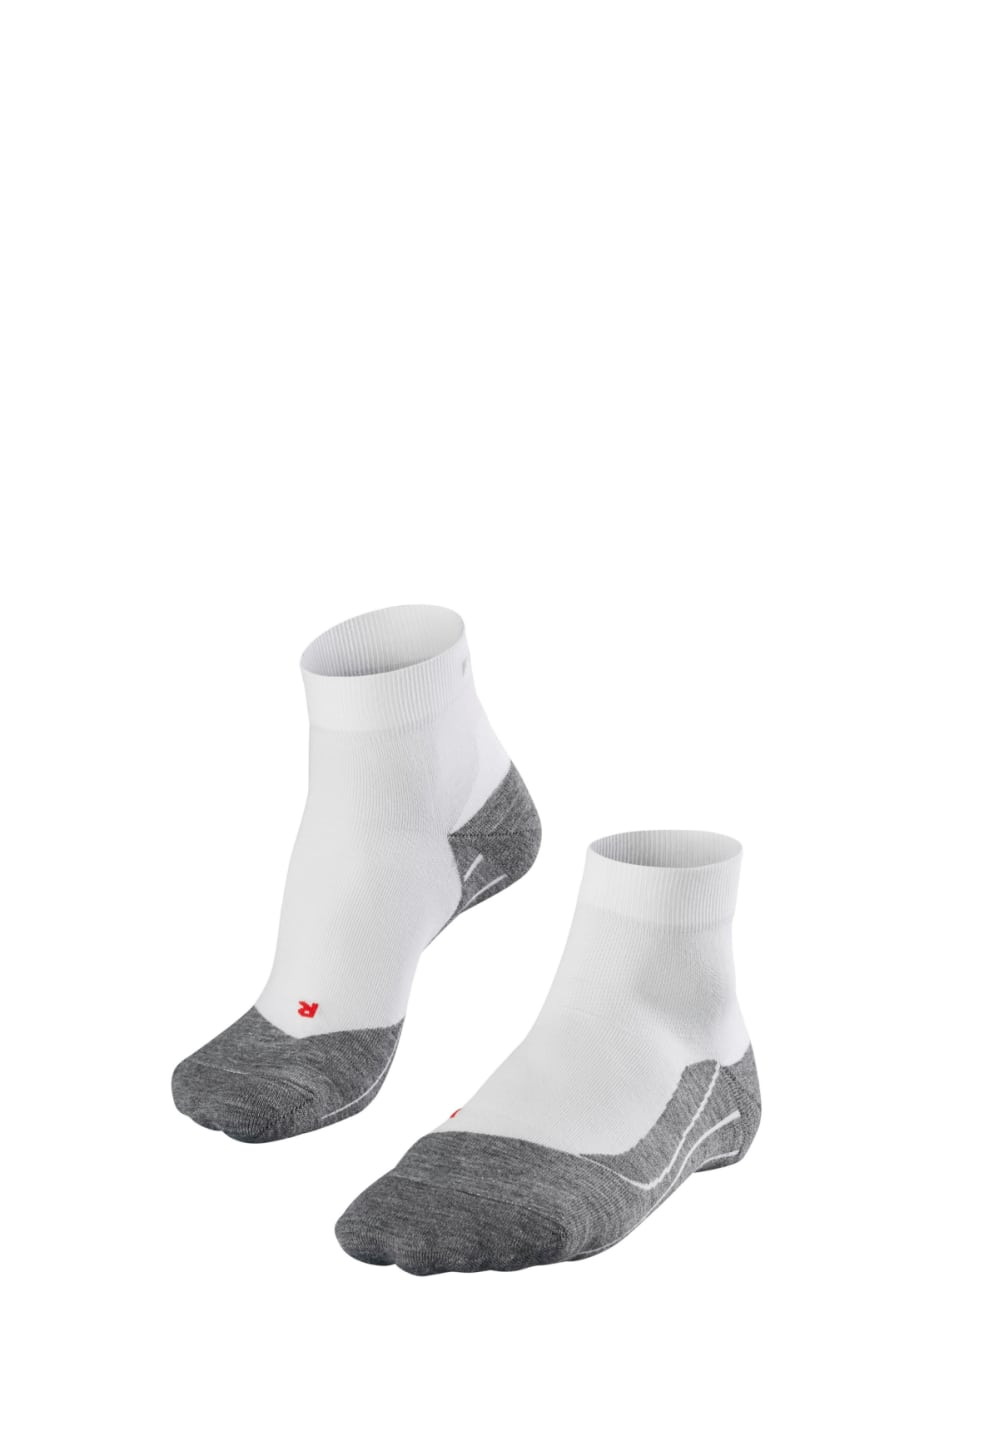 Falke RU 4 Short - Laufsocken für Damen - Weiß